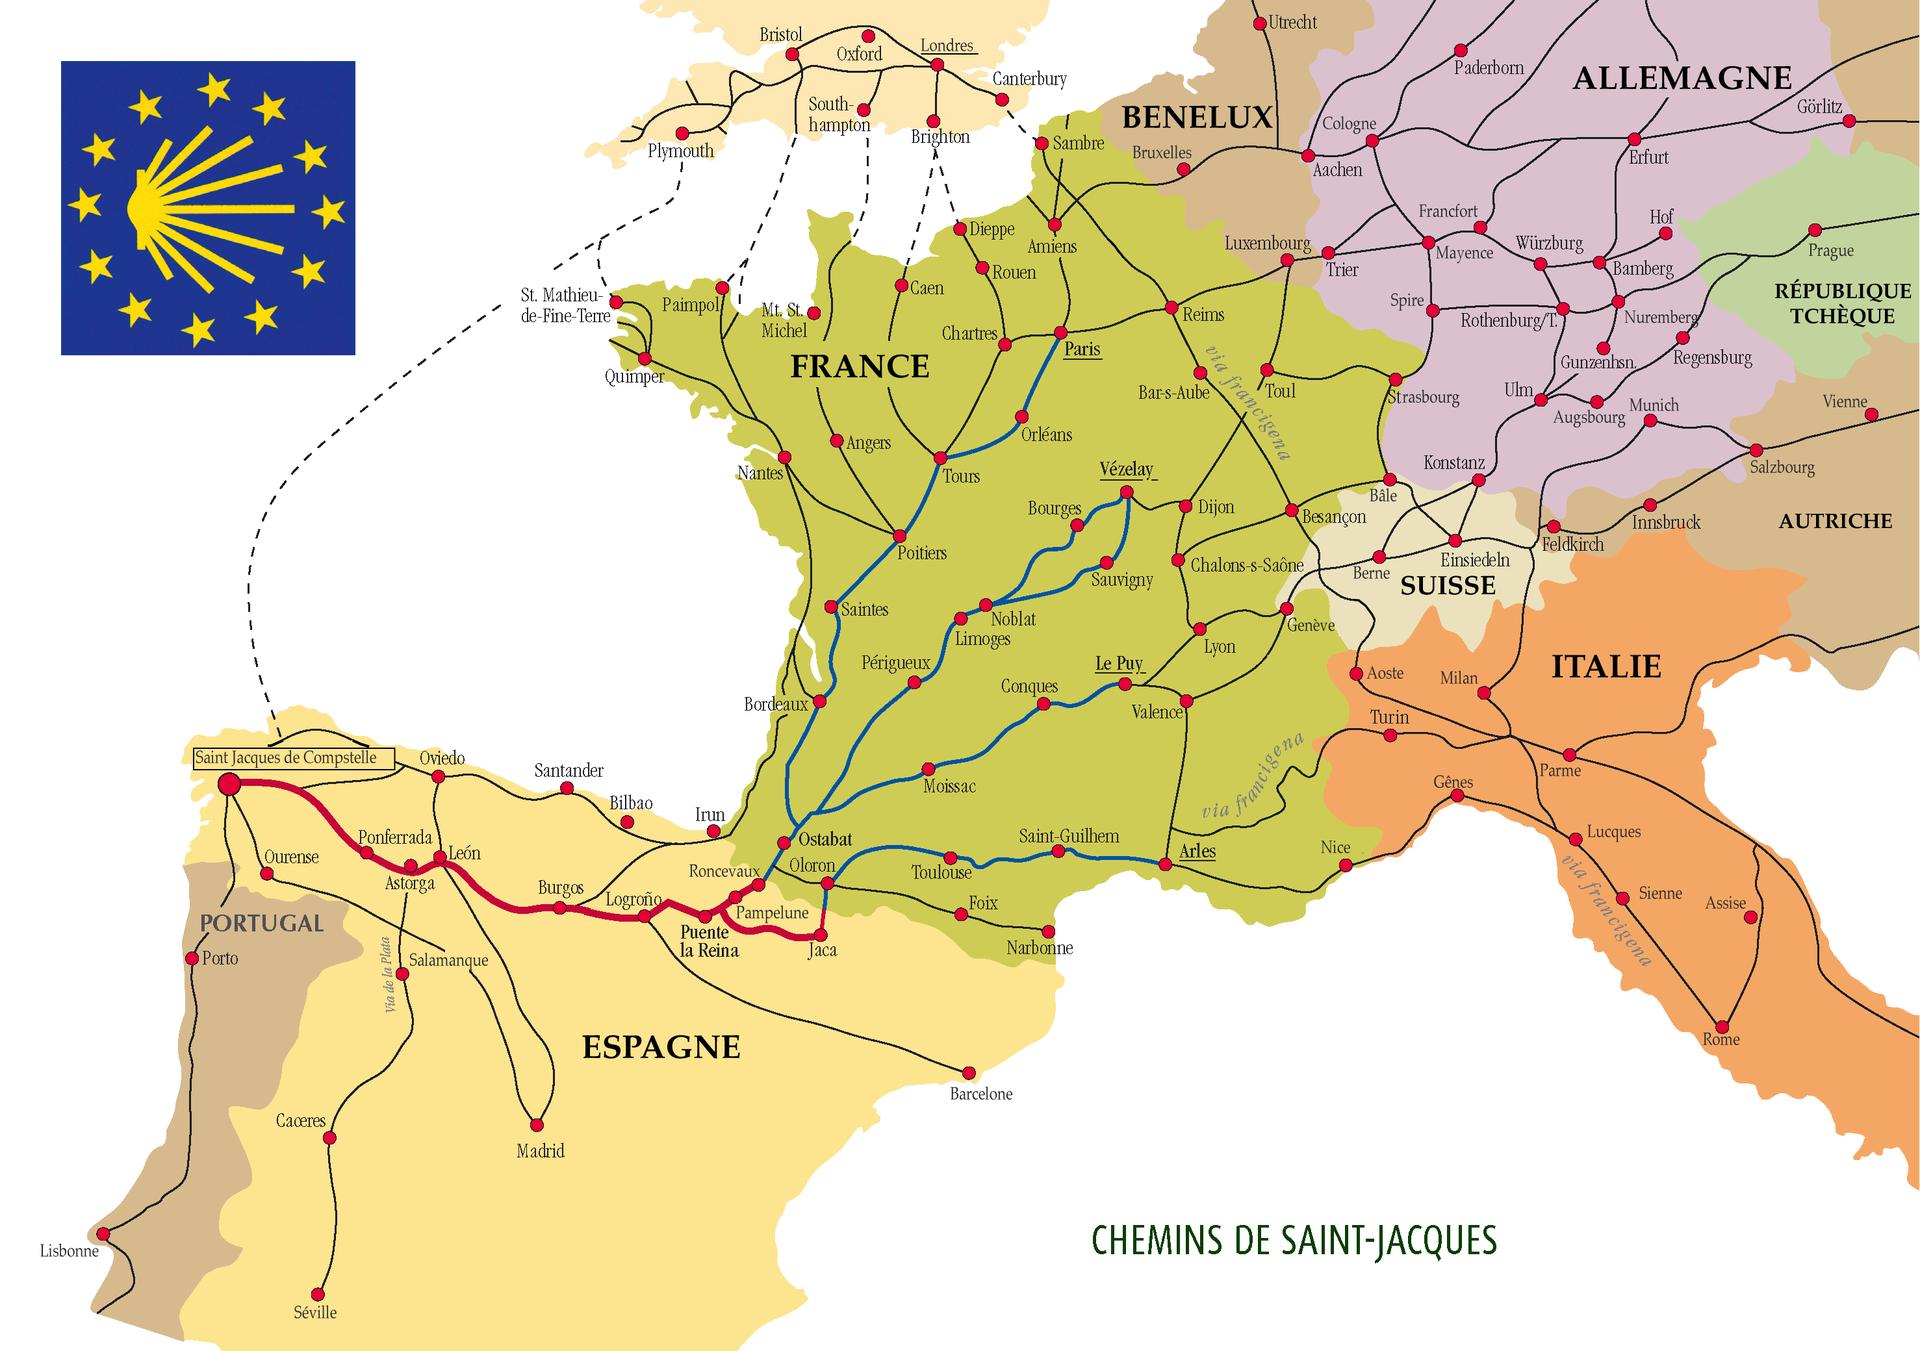 Карта средневековых дорог св. Иакова - Паломнический маршрут в Сантьяго де Компостела (путь св. Иакова)